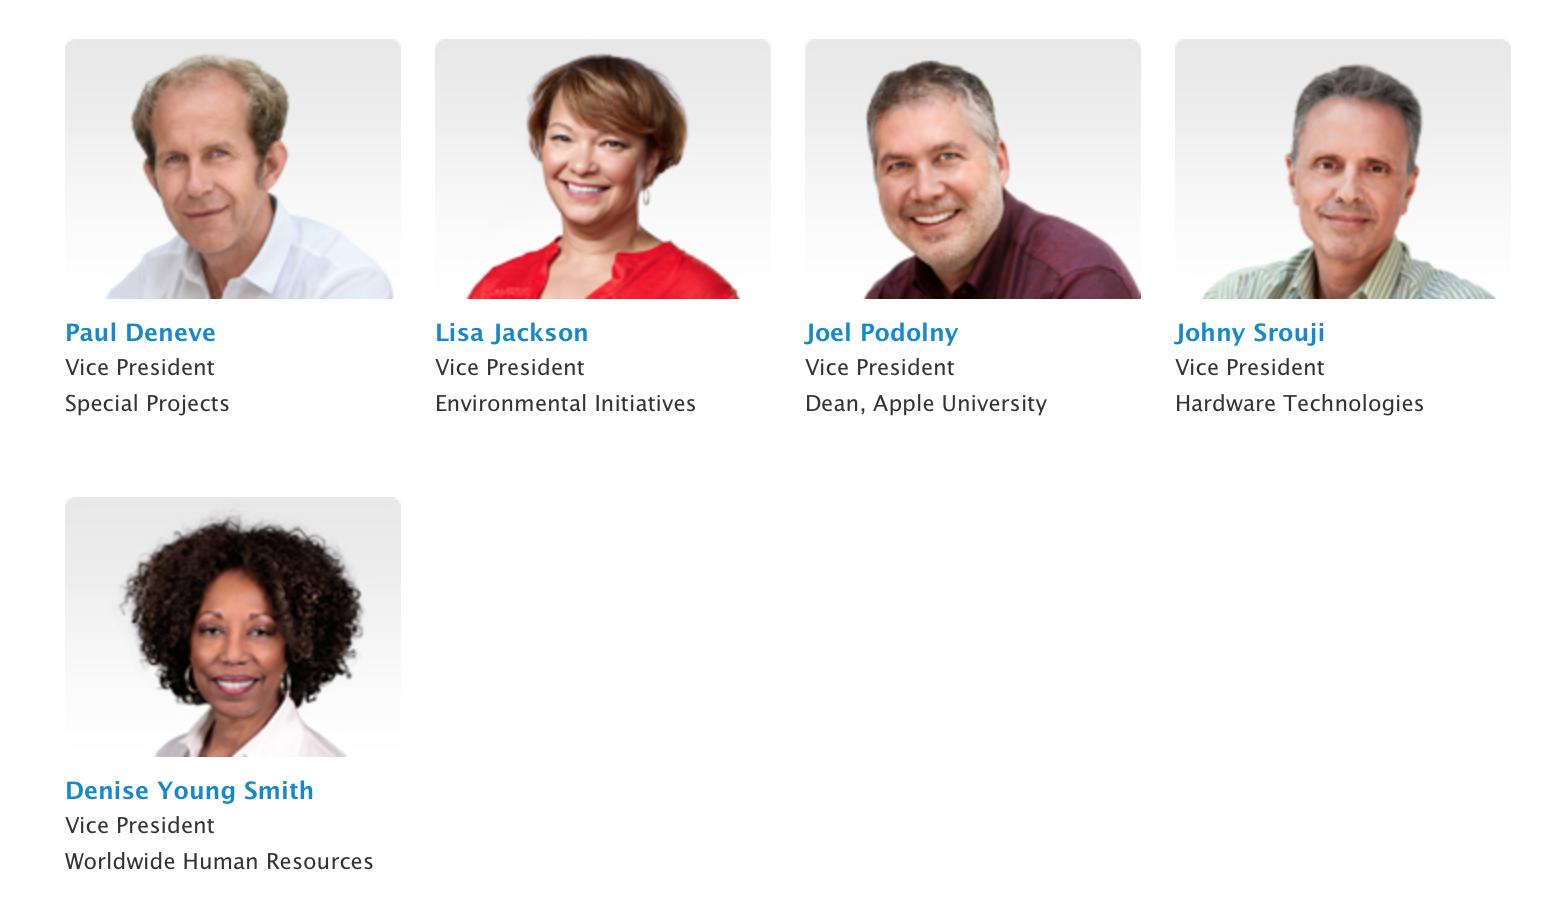 Apple указала информацию о своих вице-президентах